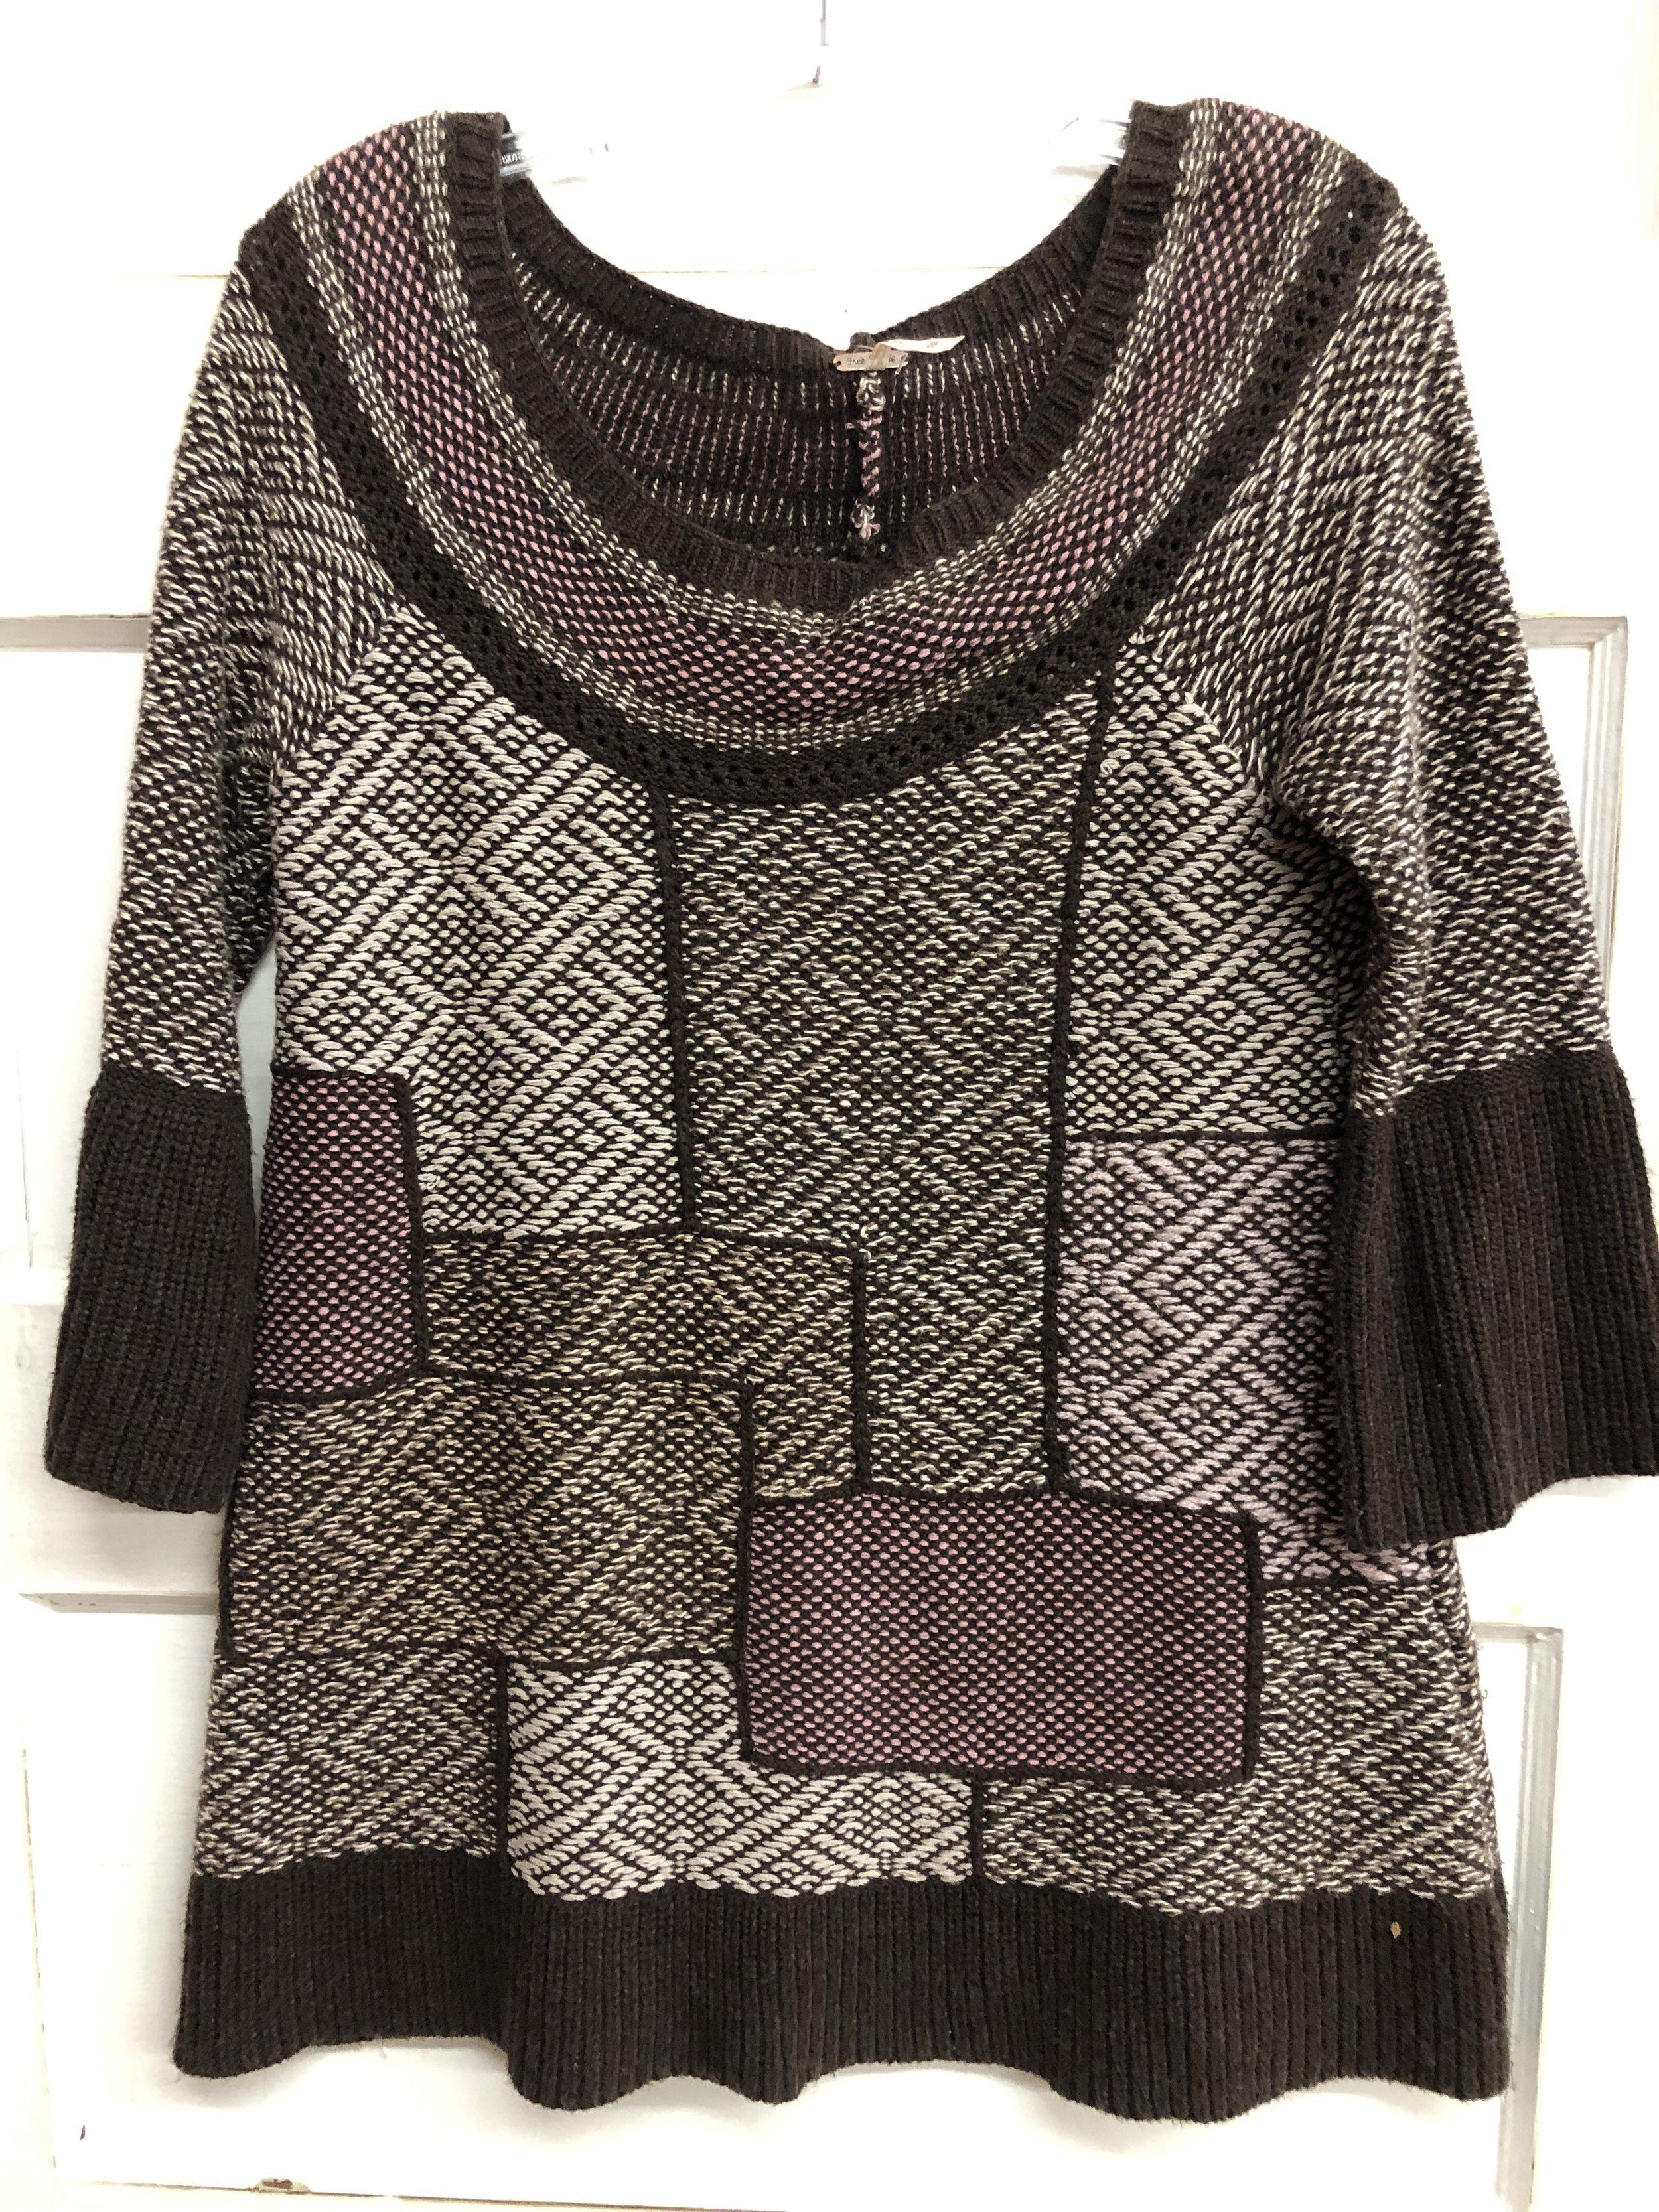 Free People Knit Tunic Length - XS $38.99